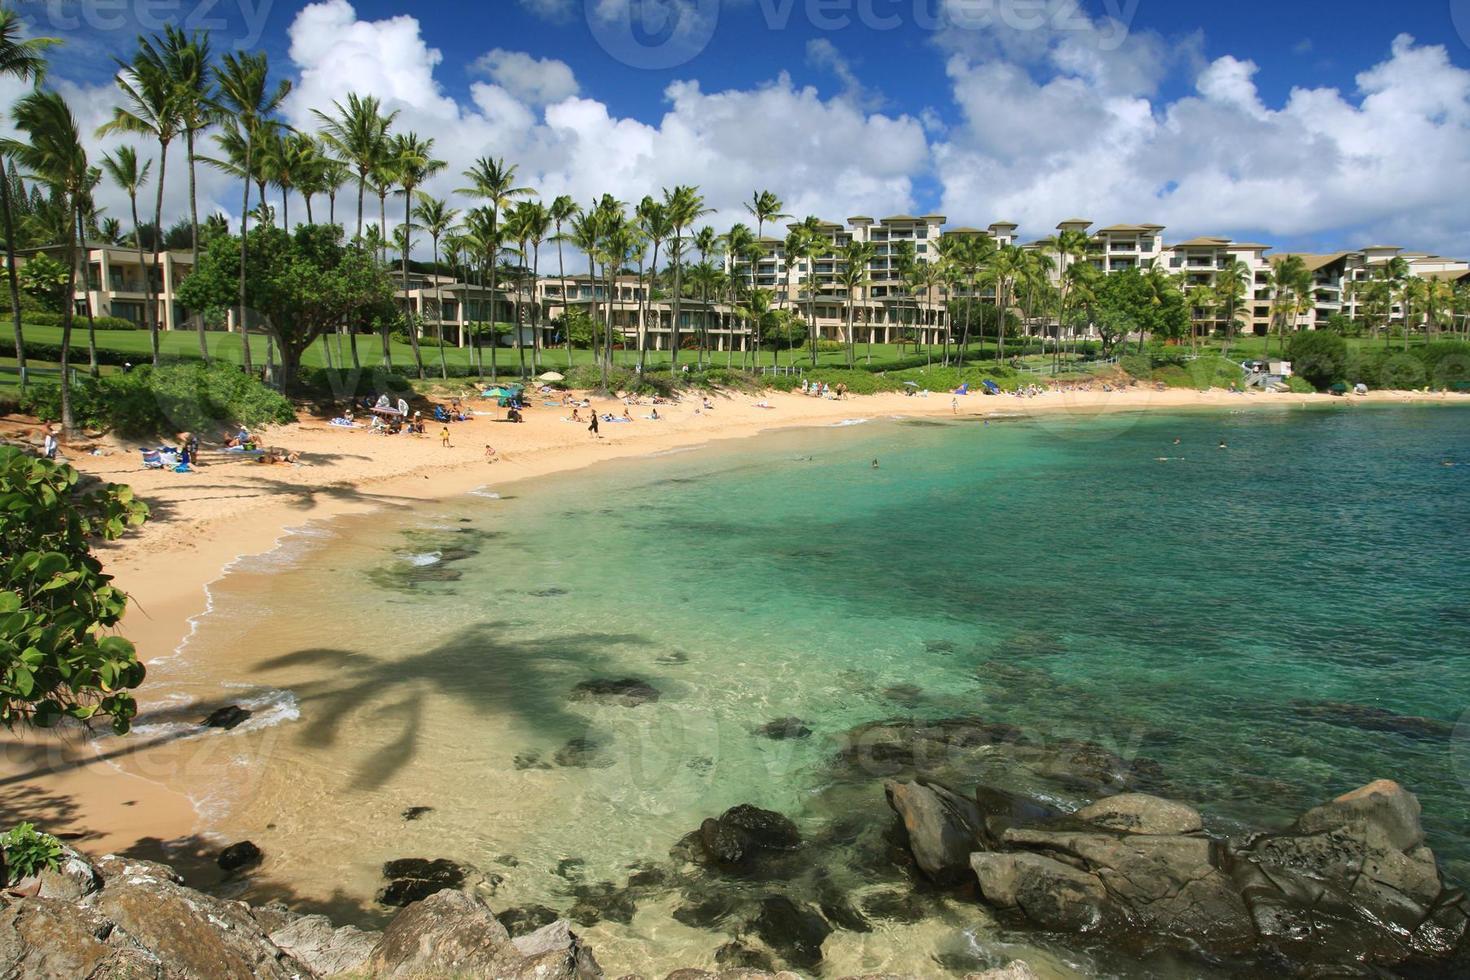 scena dell'hotel della località di soggiorno della spiaggia dell'oceano Pacifico del Maui Hawai foto